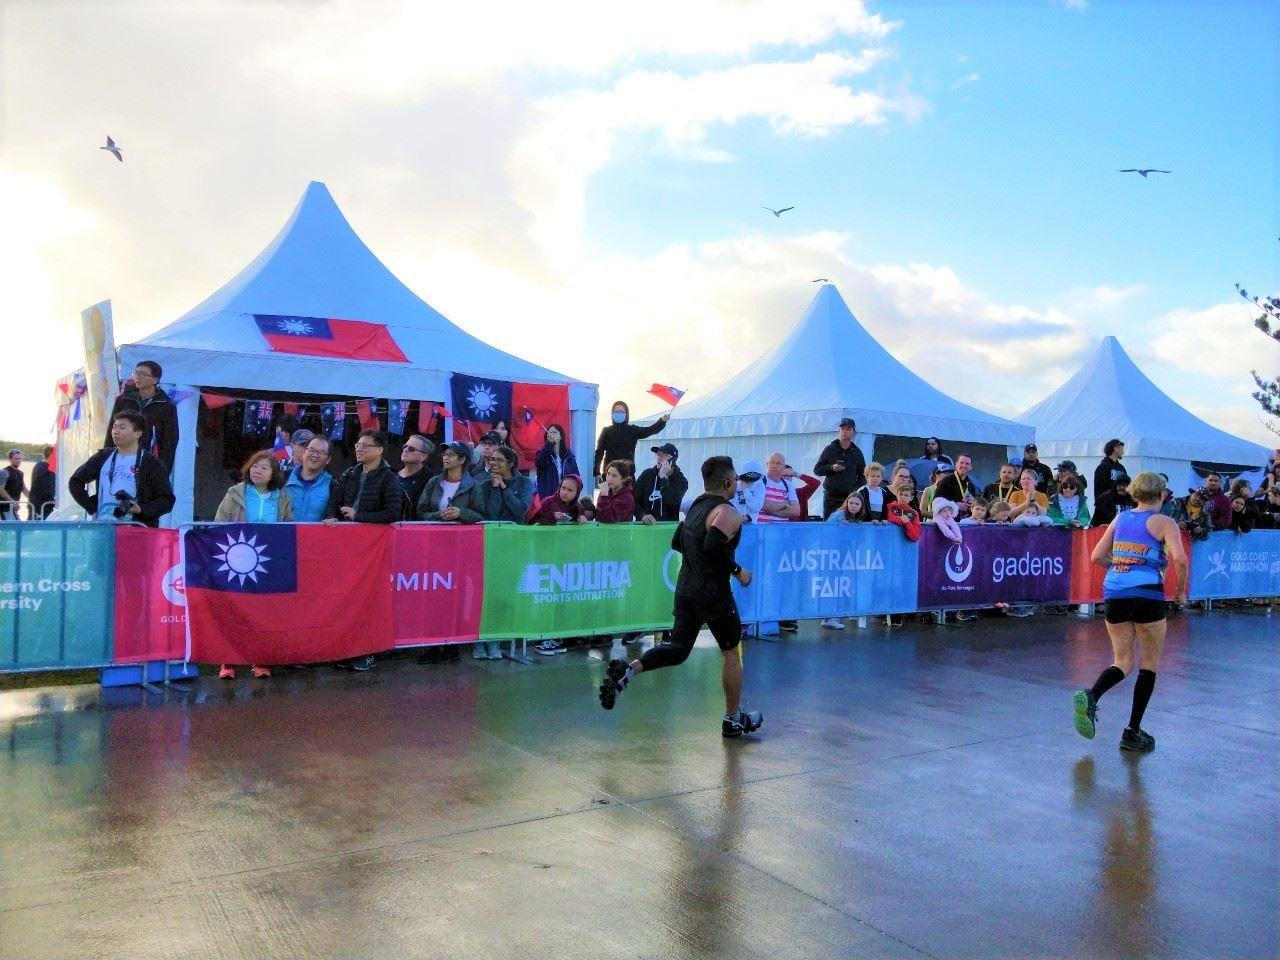 中華民國國旗於澳洲最盛大運動賽事之一「黃金海岸馬拉松」飄揚.jpg